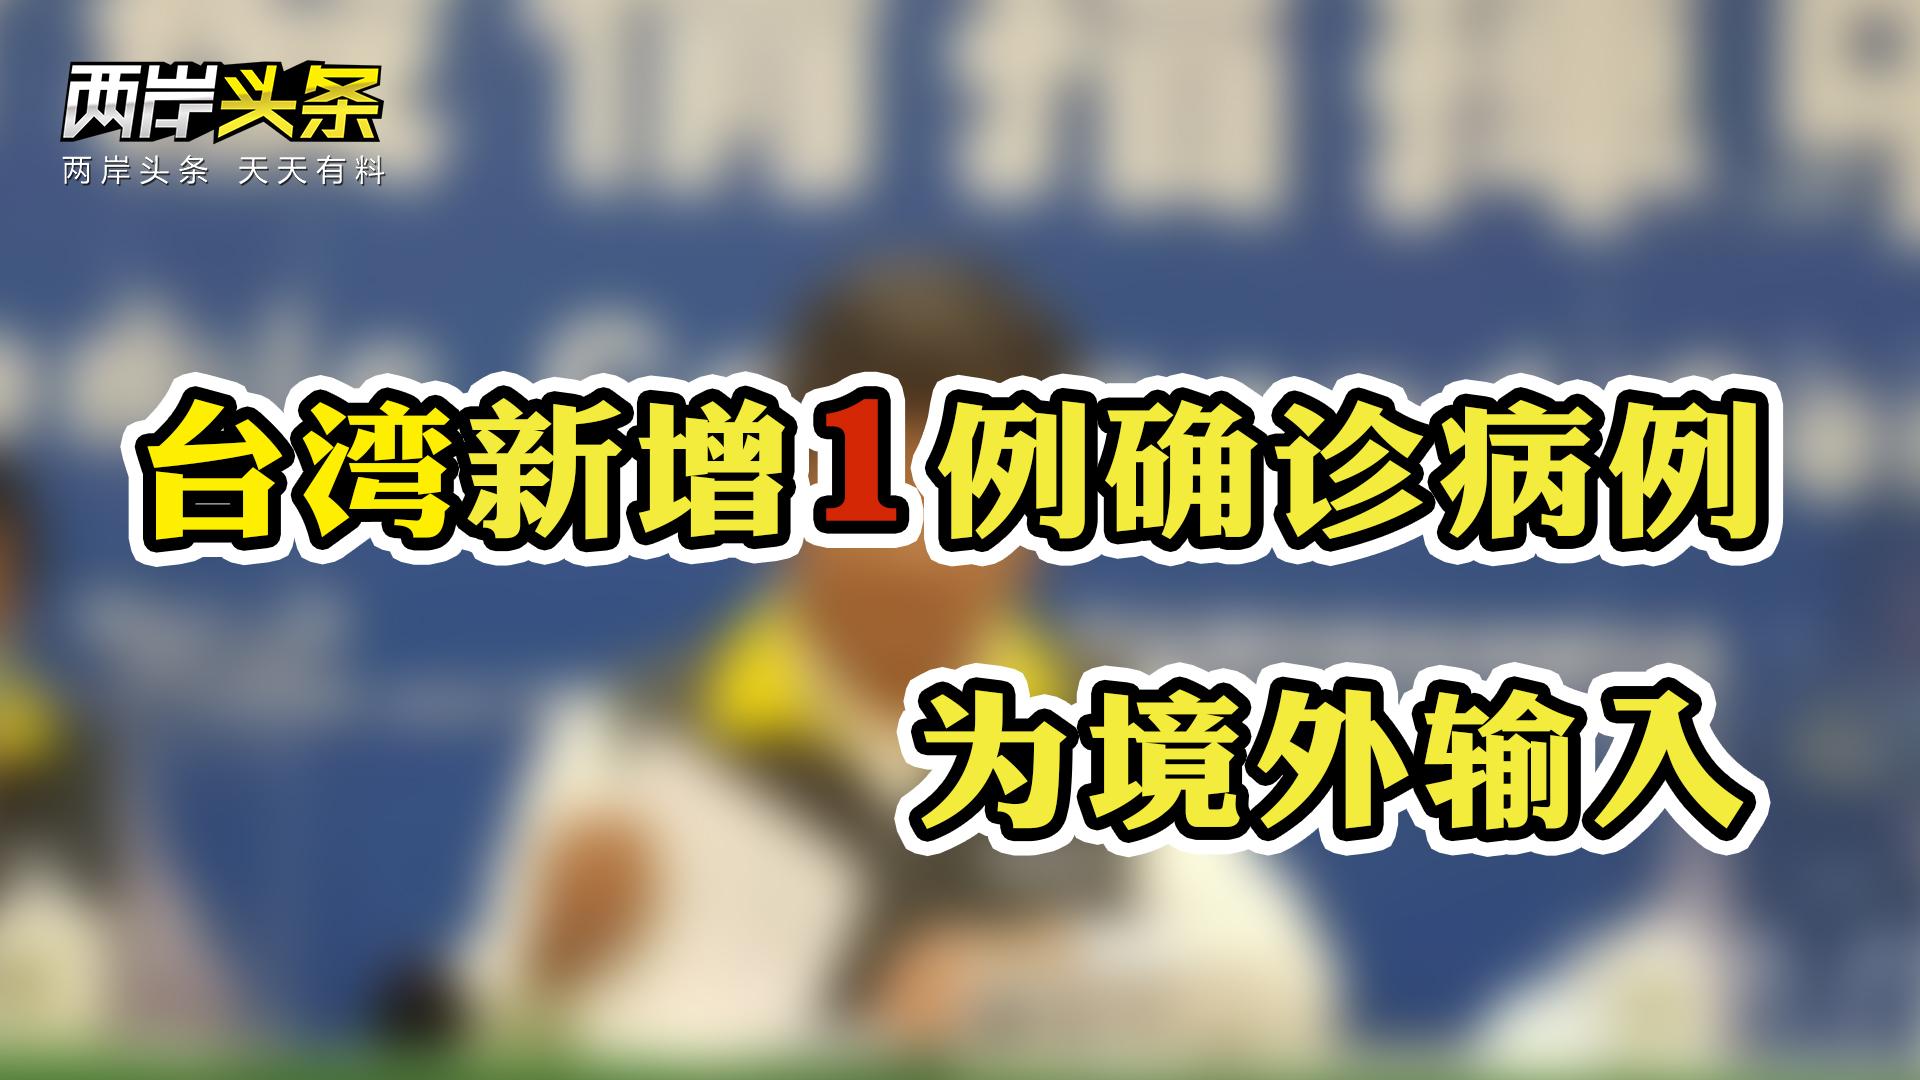 臺灣新增1例境外輸入確診病例 累計441例